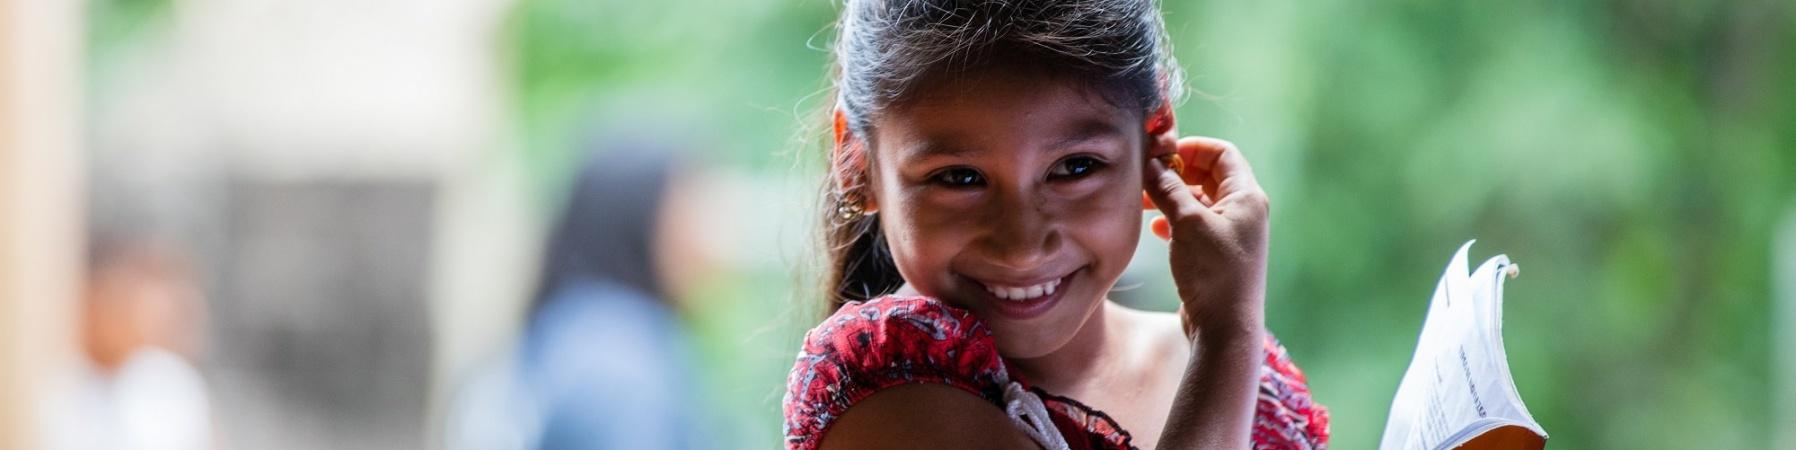 bambina di el Salvador sorridente con una borsa a tracolla e un libro in mano